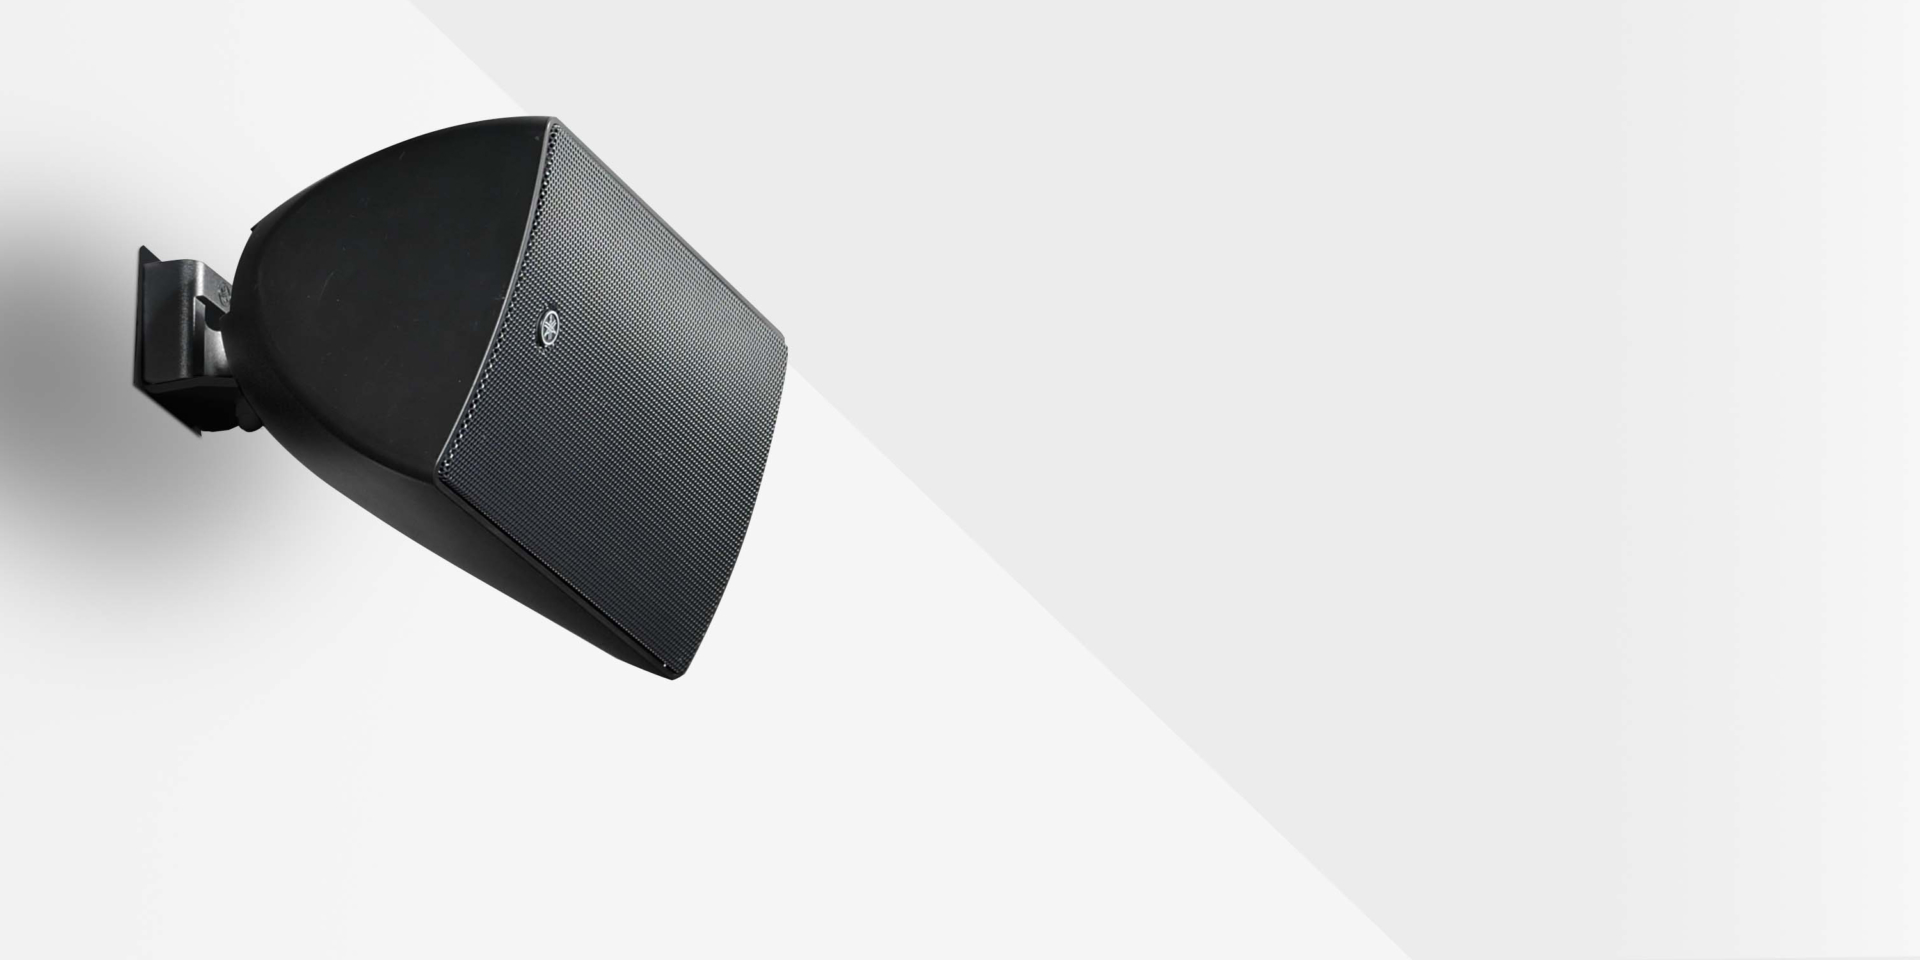 La nuova line-up di speaker passivi Yamaha VXS è l'ideale per tutte quelle applicazioni rivolte al mercato delle installazioni. Dotati di supporti per il fissaggio a parete o a soffitto, gli altoparlanti di questa serie comprendono una gamma completa di modelli disponibili sia in bianco che in nero, con la possibilità di essere verniciati per un migliore inserimento nell'ambiente.